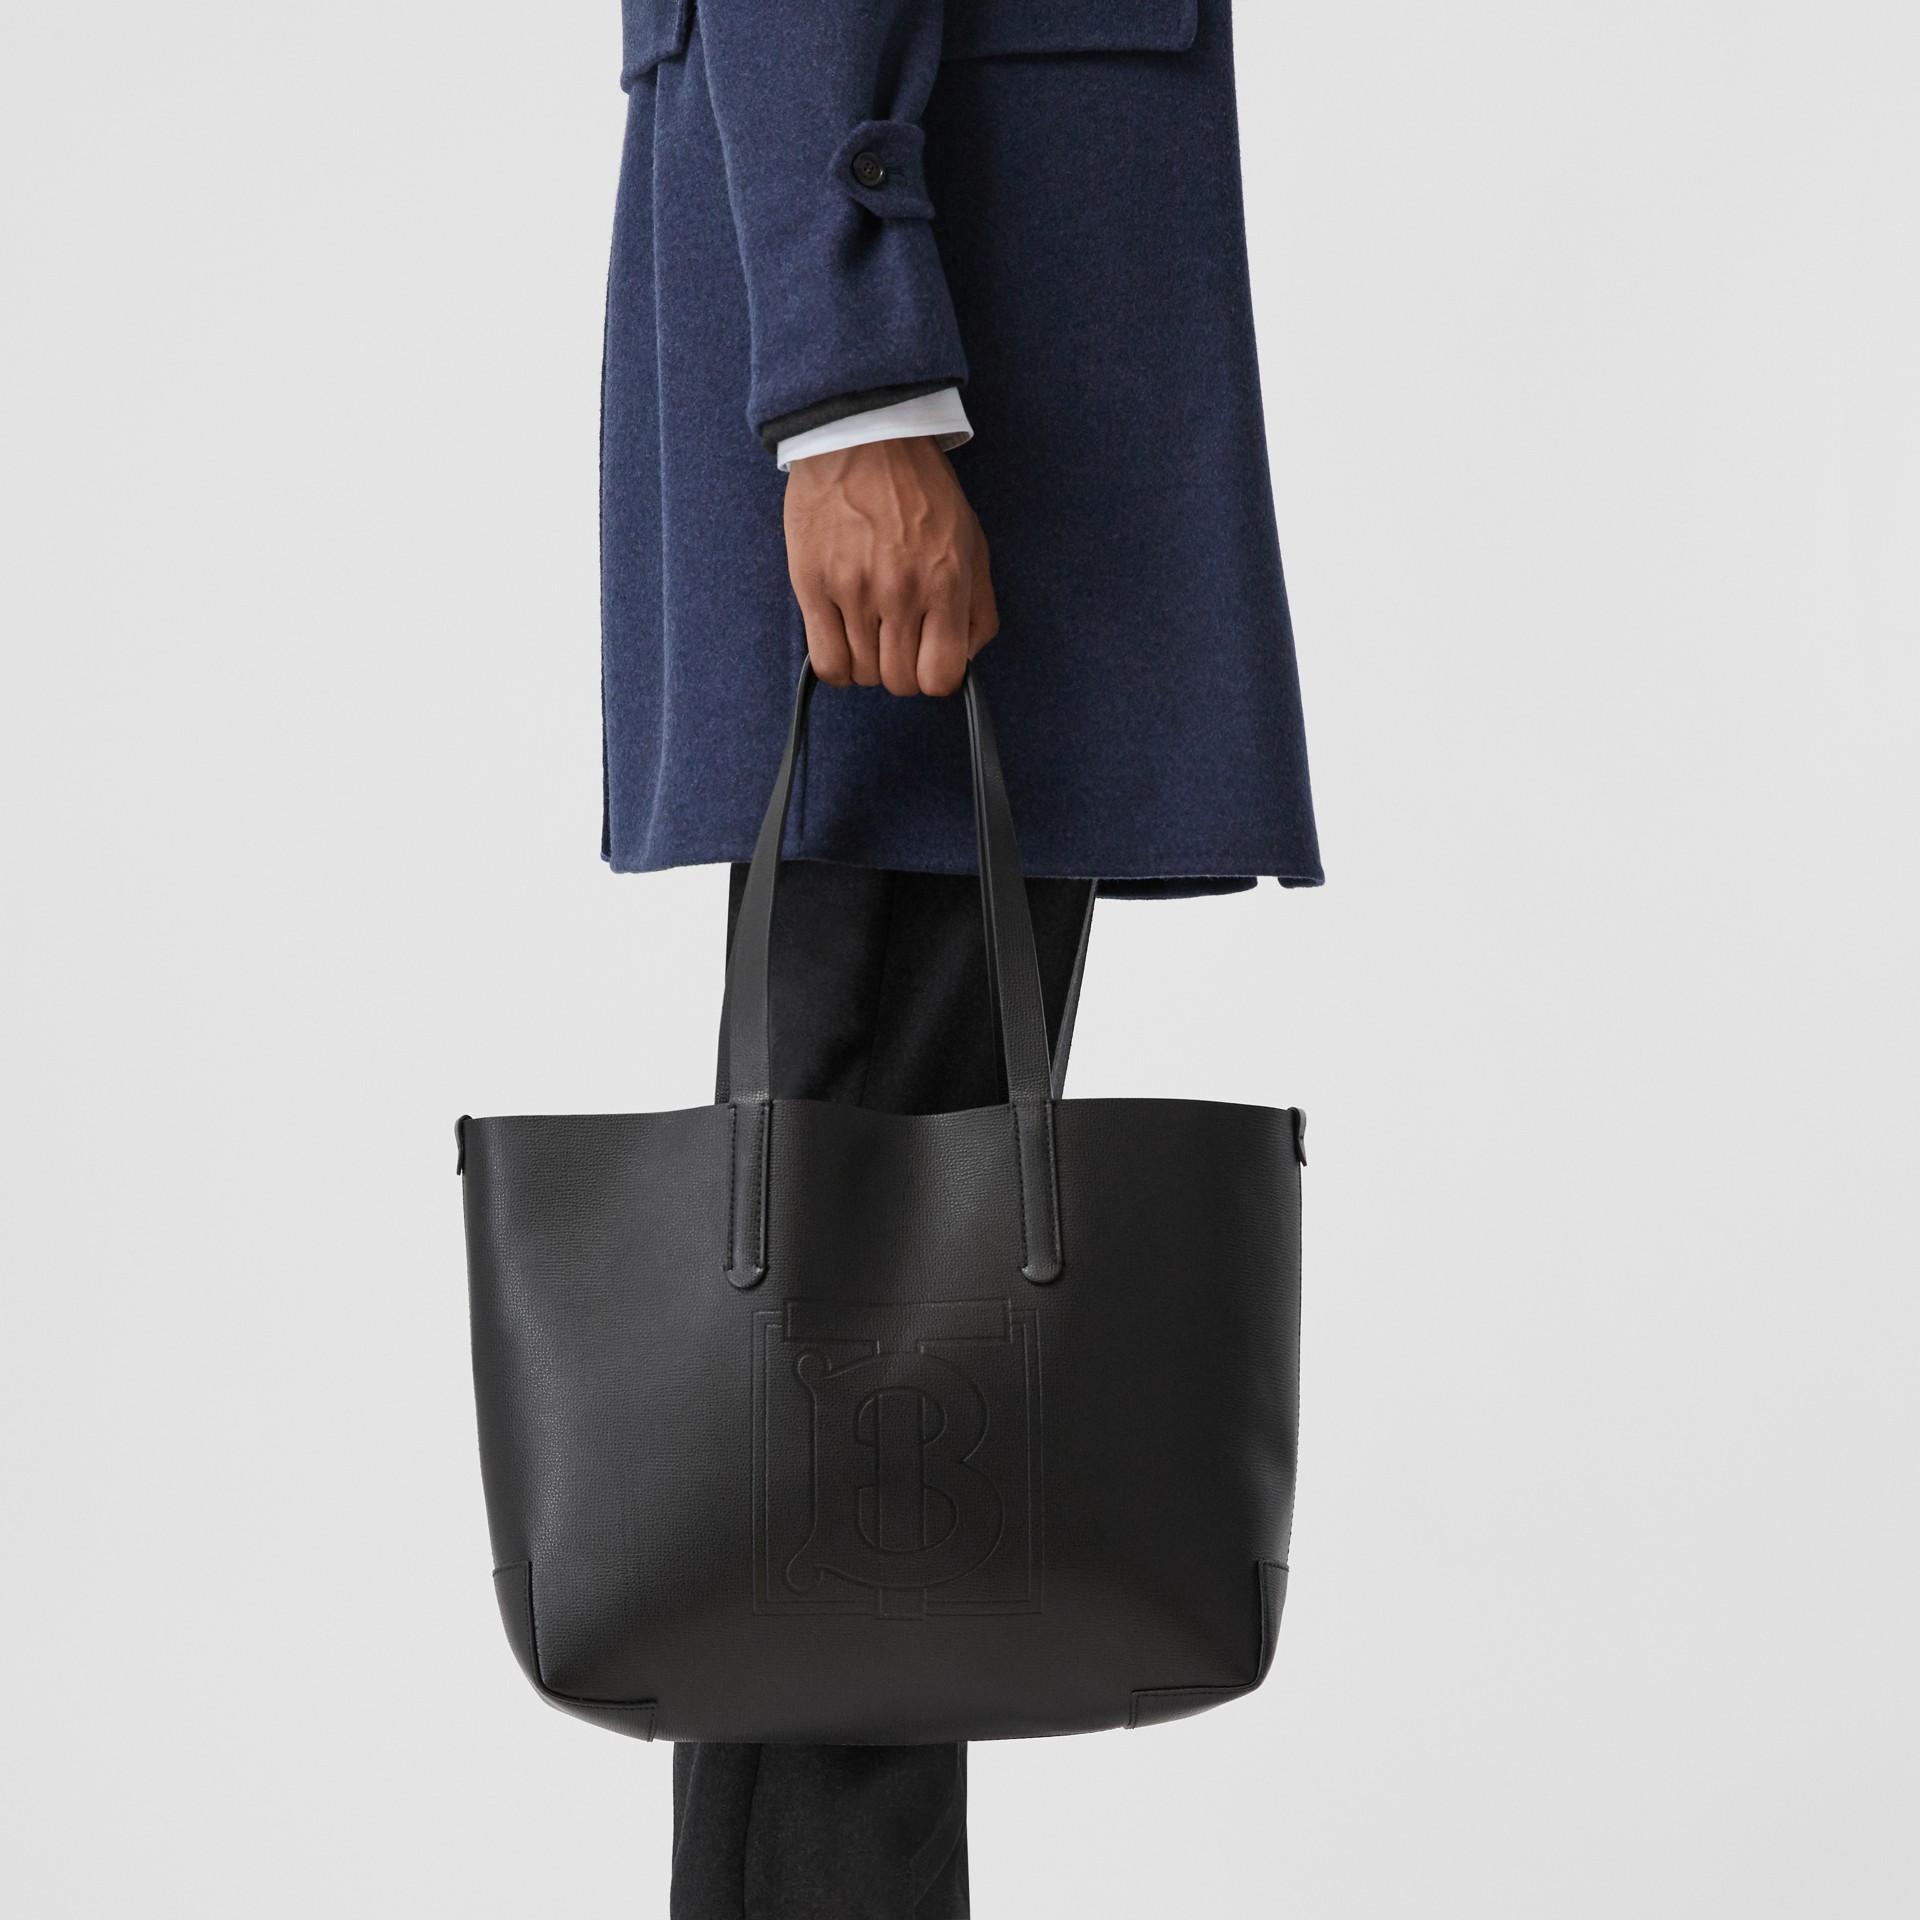 Sac tote en cuir embossé Monogram (Noir) - Femme | Burberry Canada - photo de la galerie 2